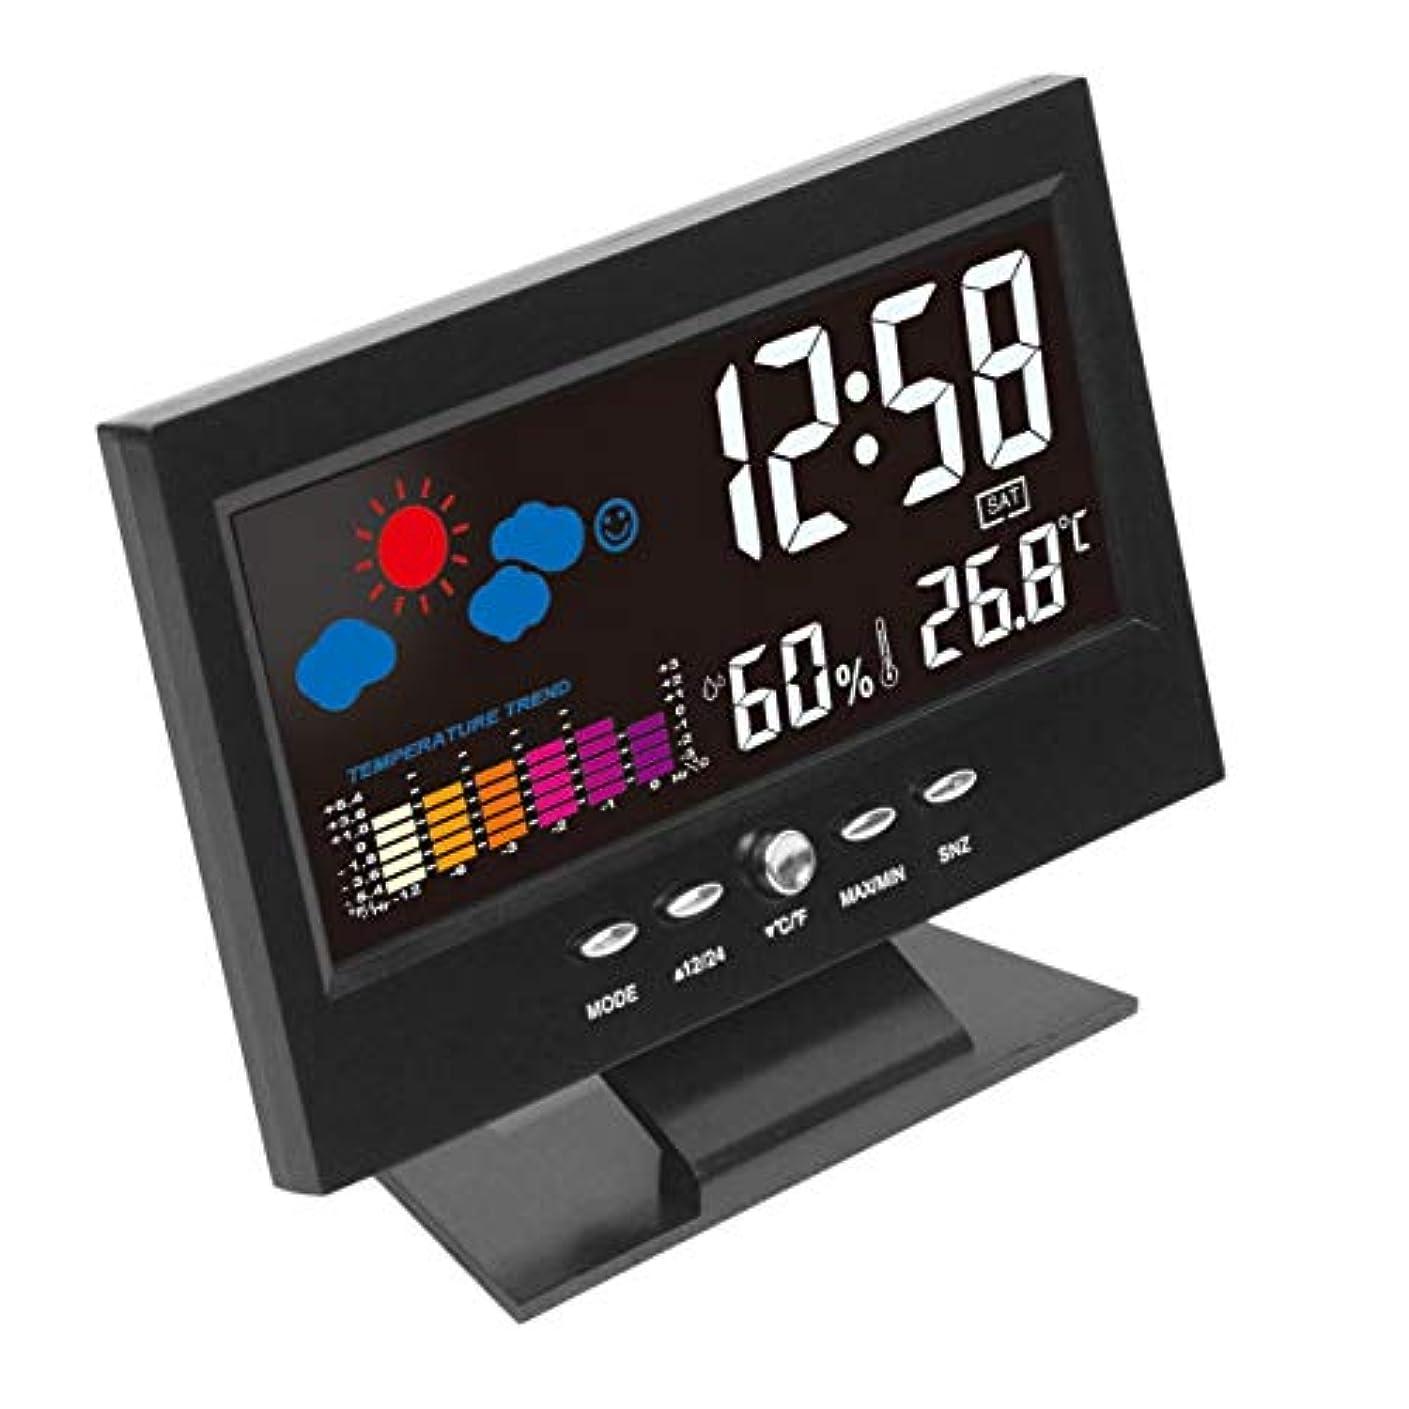 できない宿題をする類似性Saikogoods 電子デジタルLCD 温度湿度モニター時計 温度計湿度計 屋内ホーム 天気予報時??計 ブラック